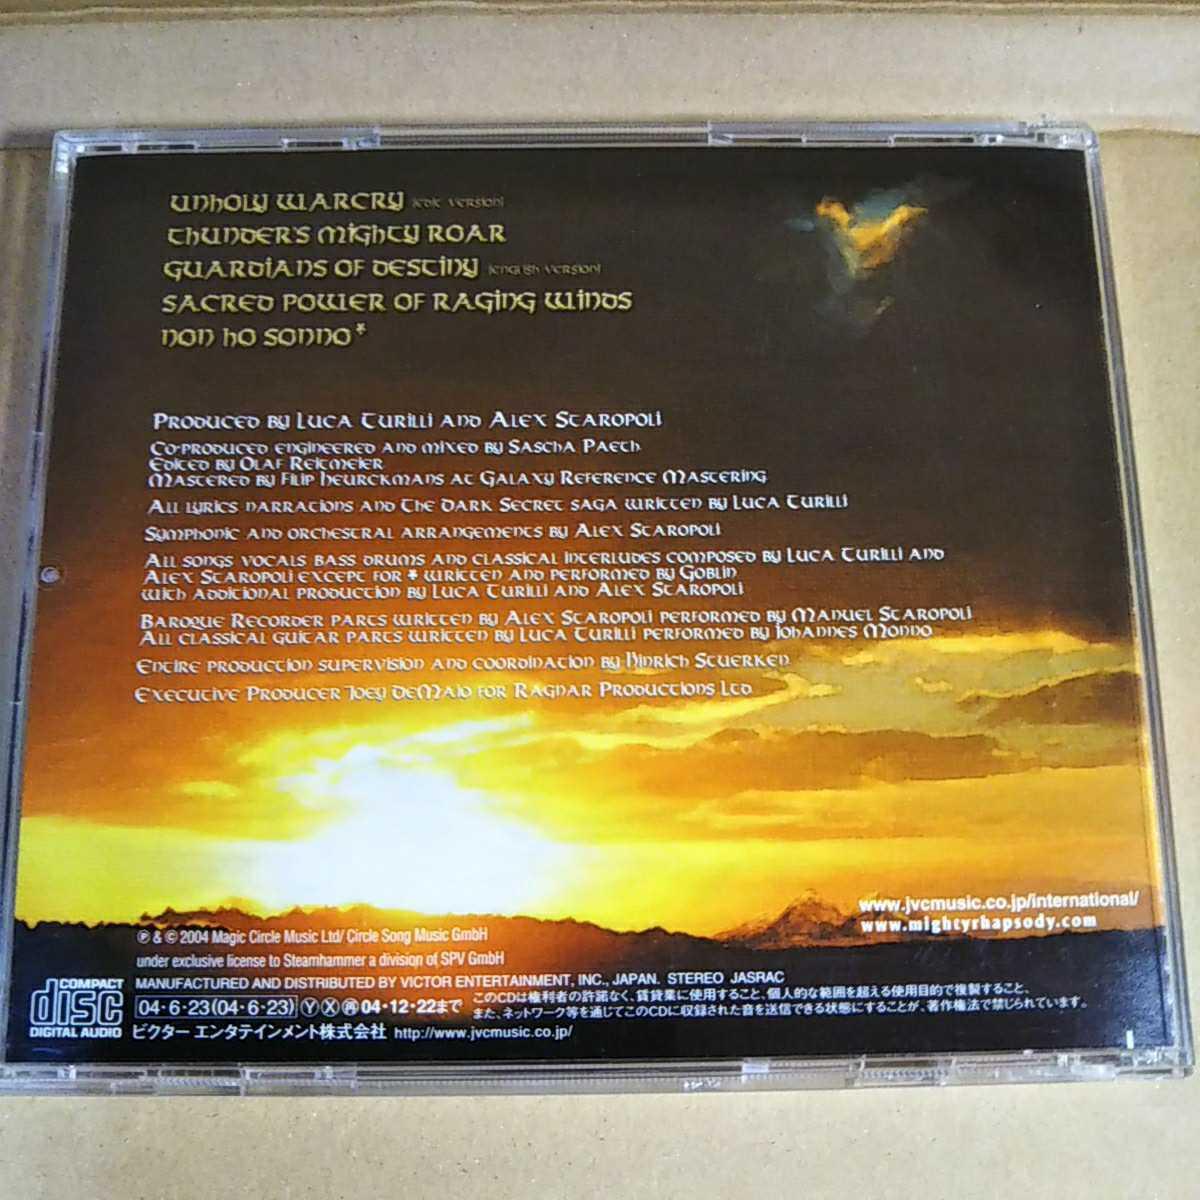 中古CD Rhapsody / ラプソディー『THE DARK SECRET』国内盤/帯有り/5曲入り/ミニアルバム VICP62730【1030】